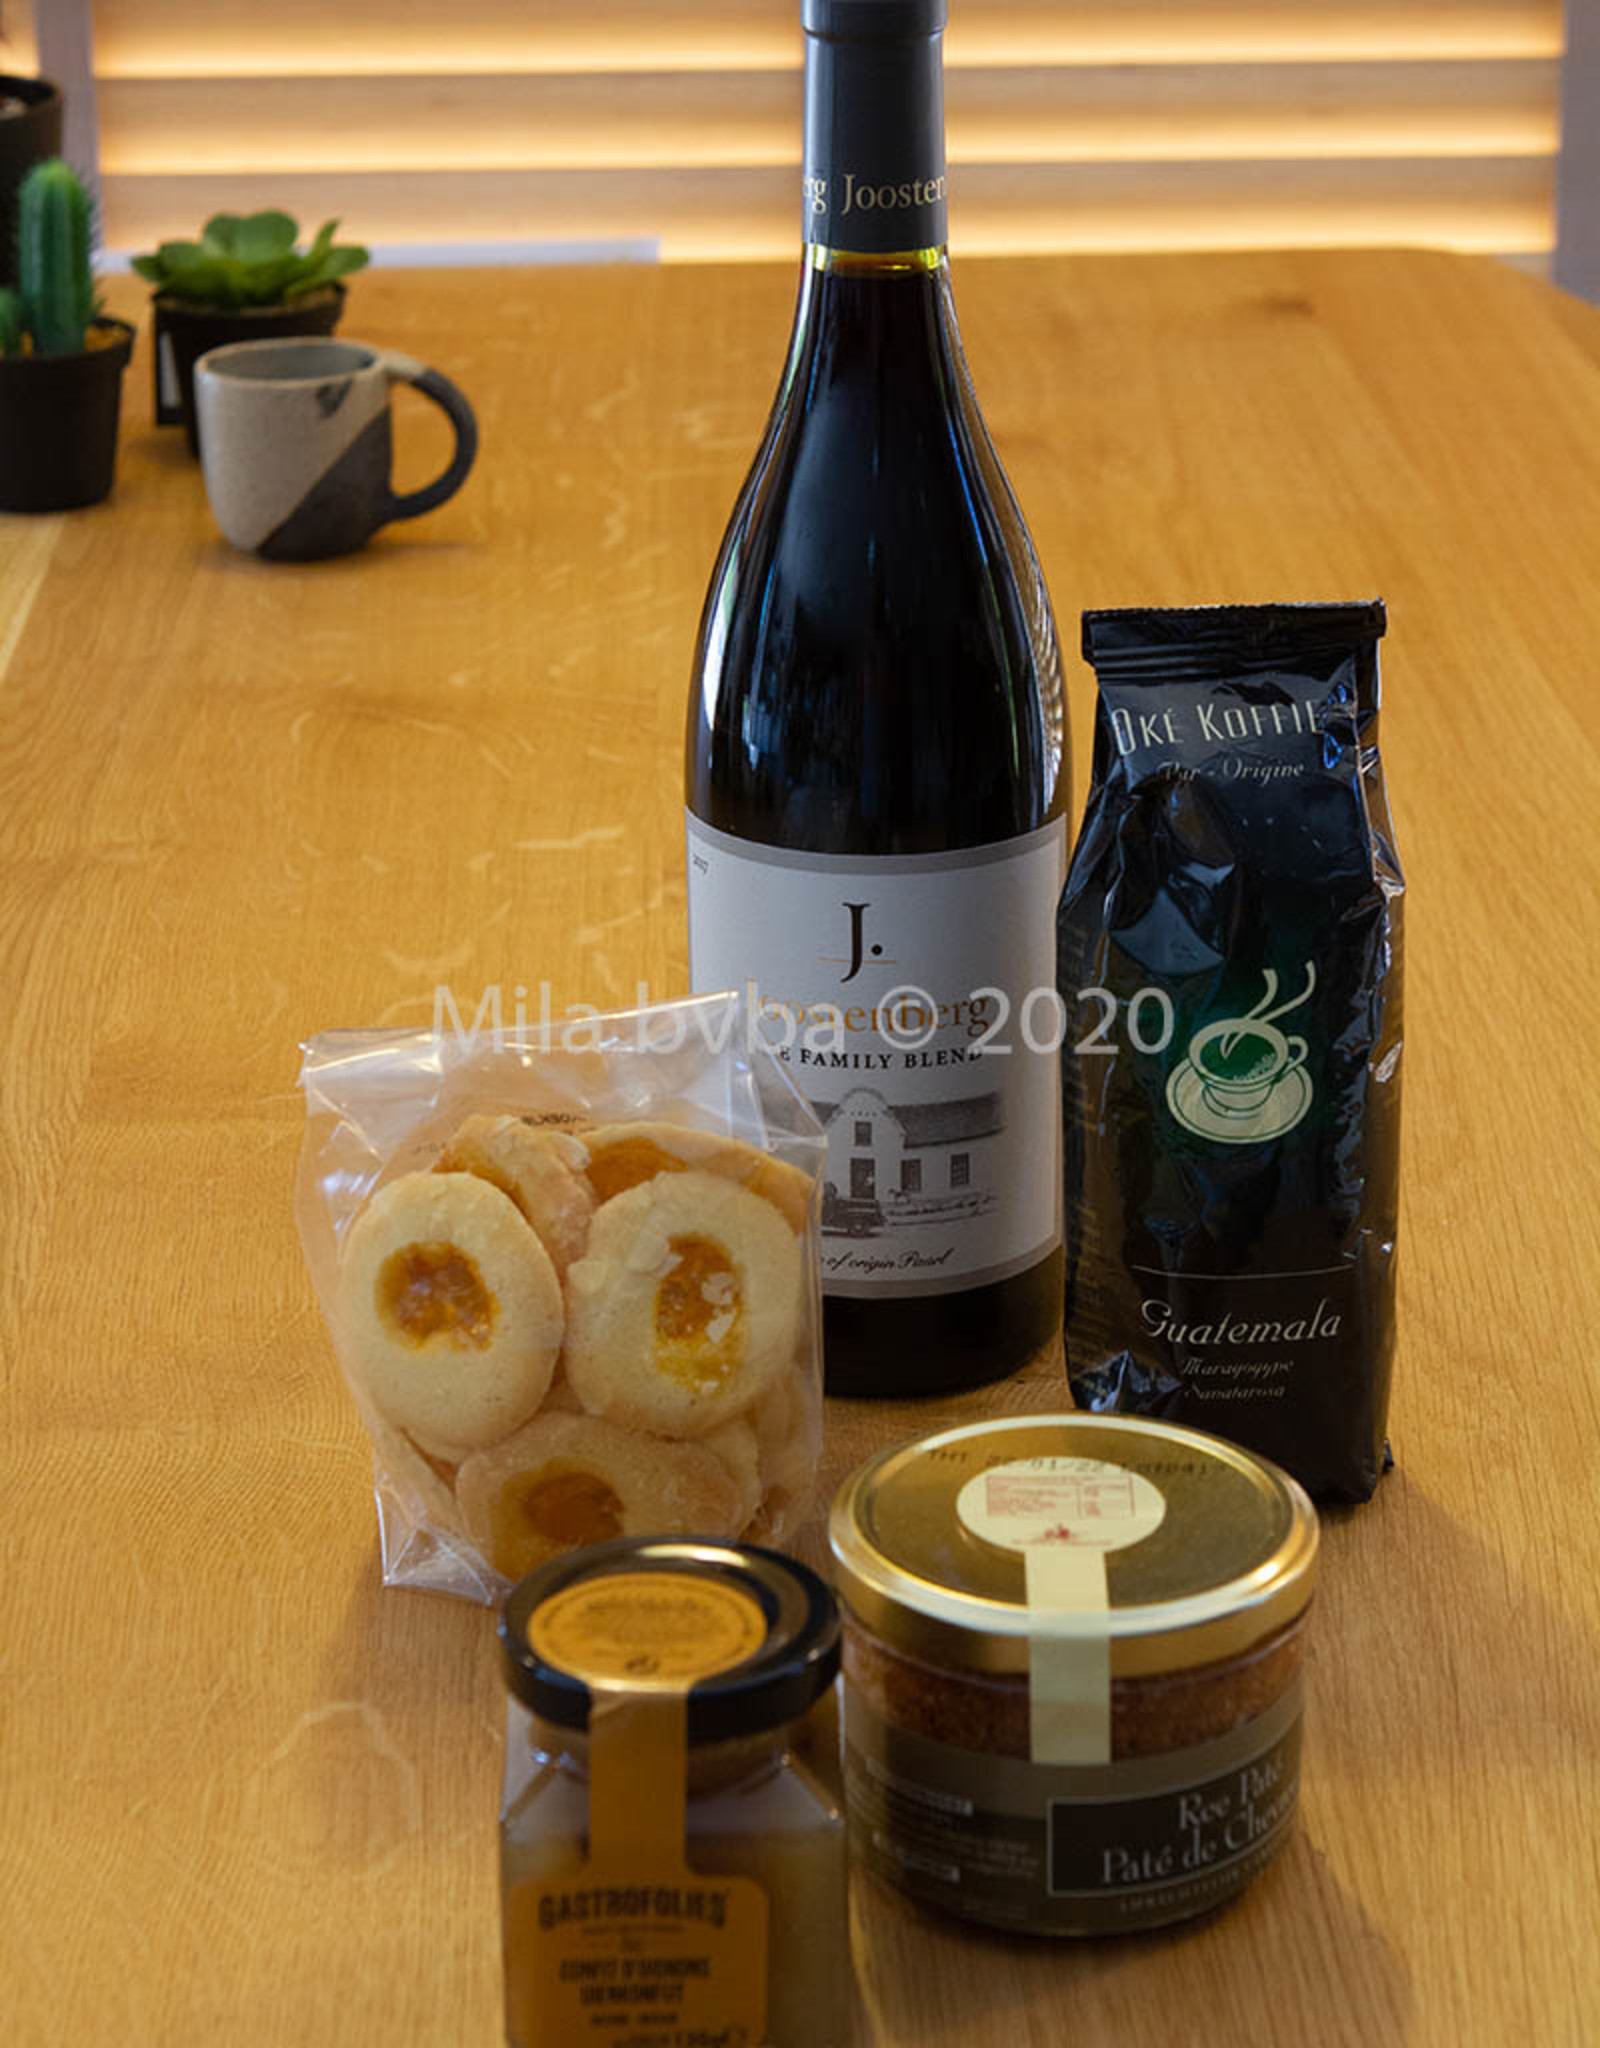 MILA Levensgenieter pakket met wijn, paté, koffie en koekjes